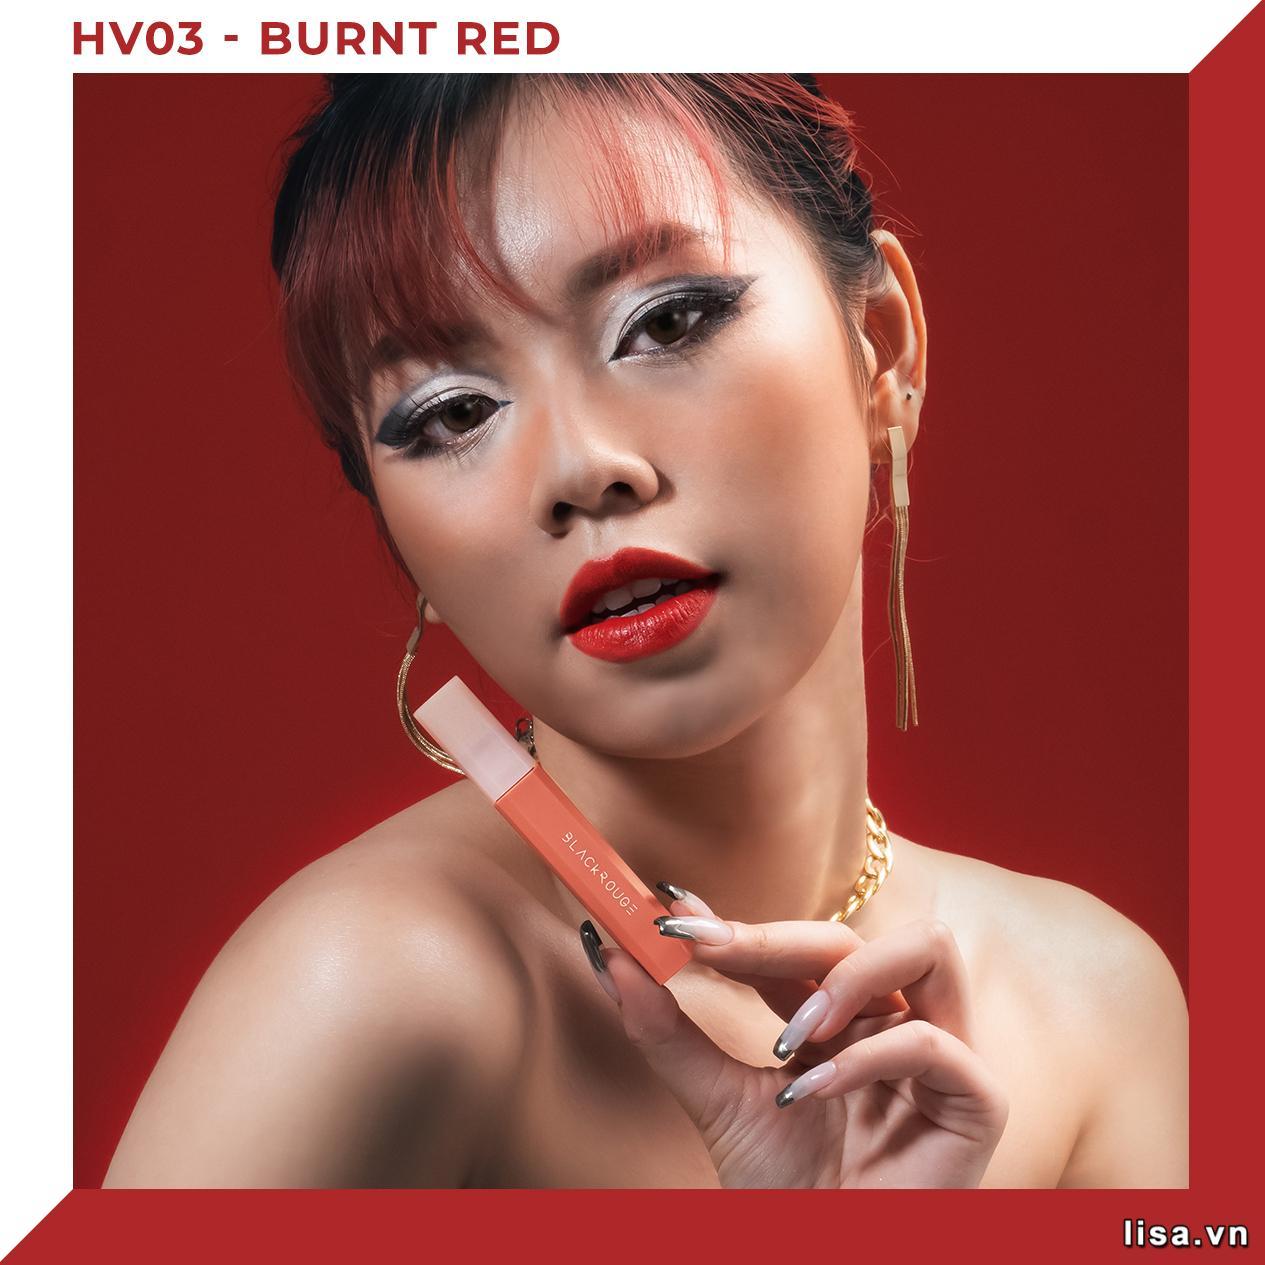 Thành phần son Black Rouge Half N Half Màu HV03 Burnt Red giàu dưỡng chất